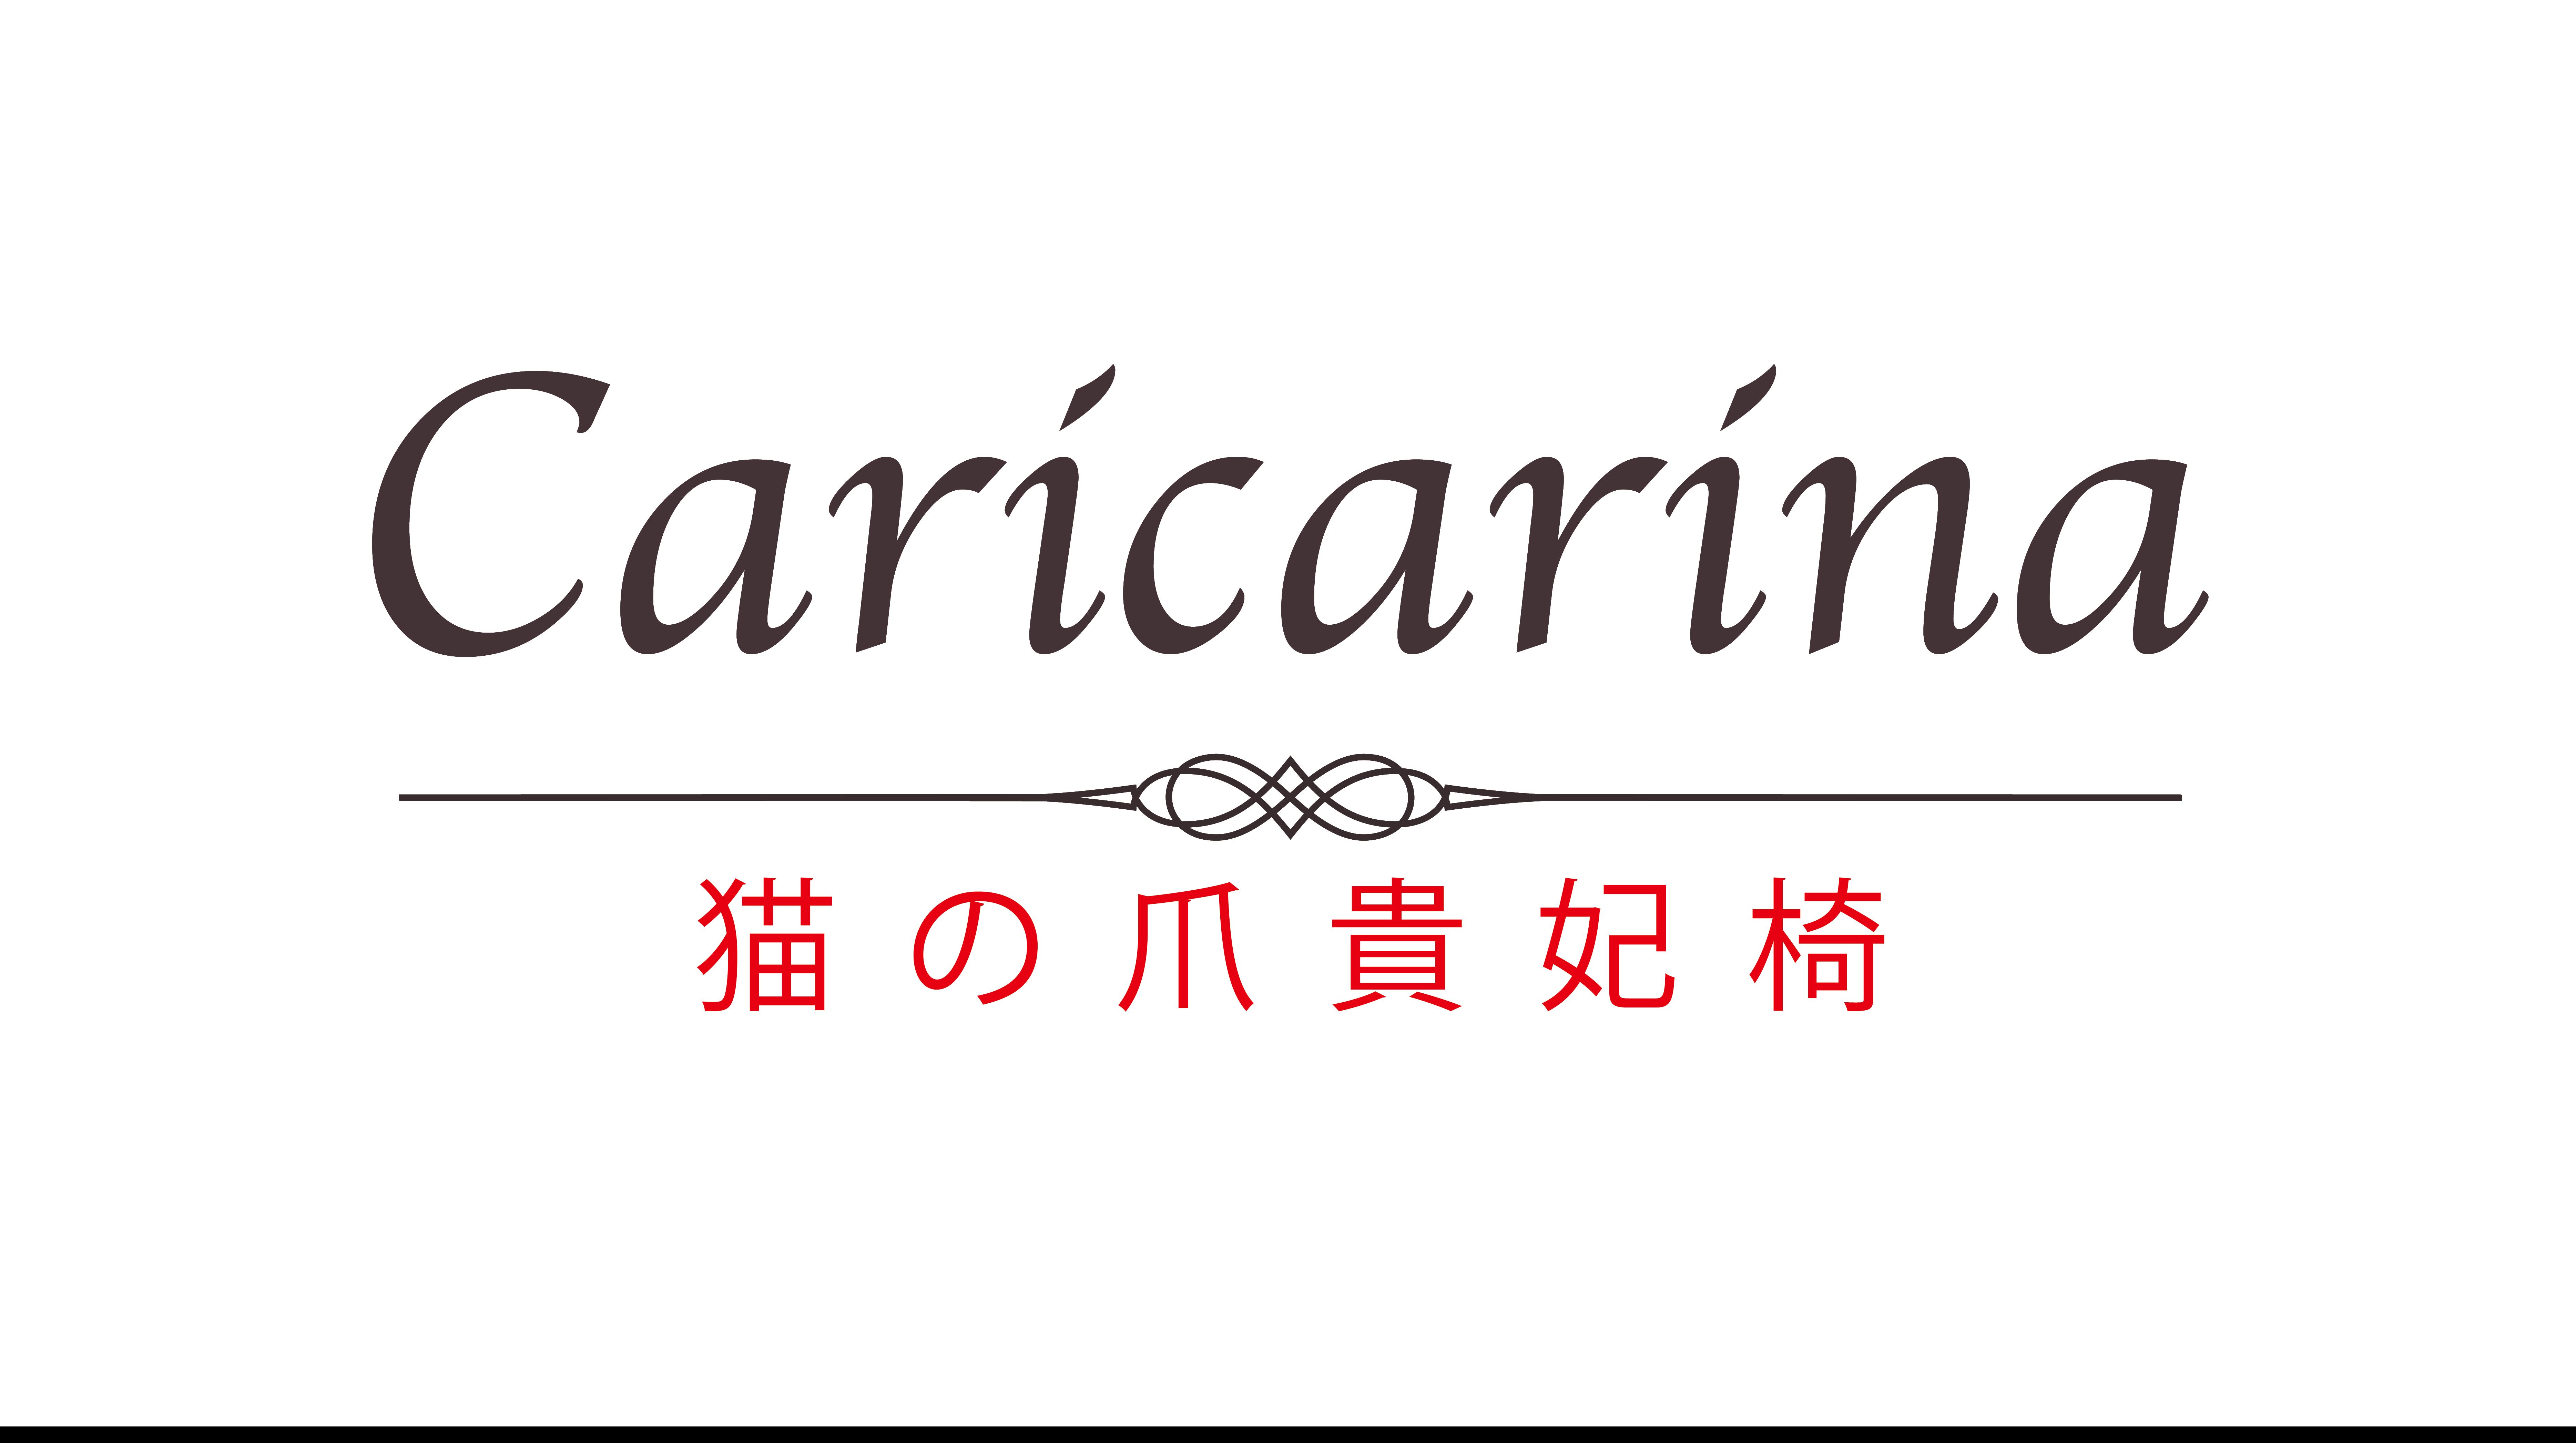 Caricarina 猫の爪貴妃椅